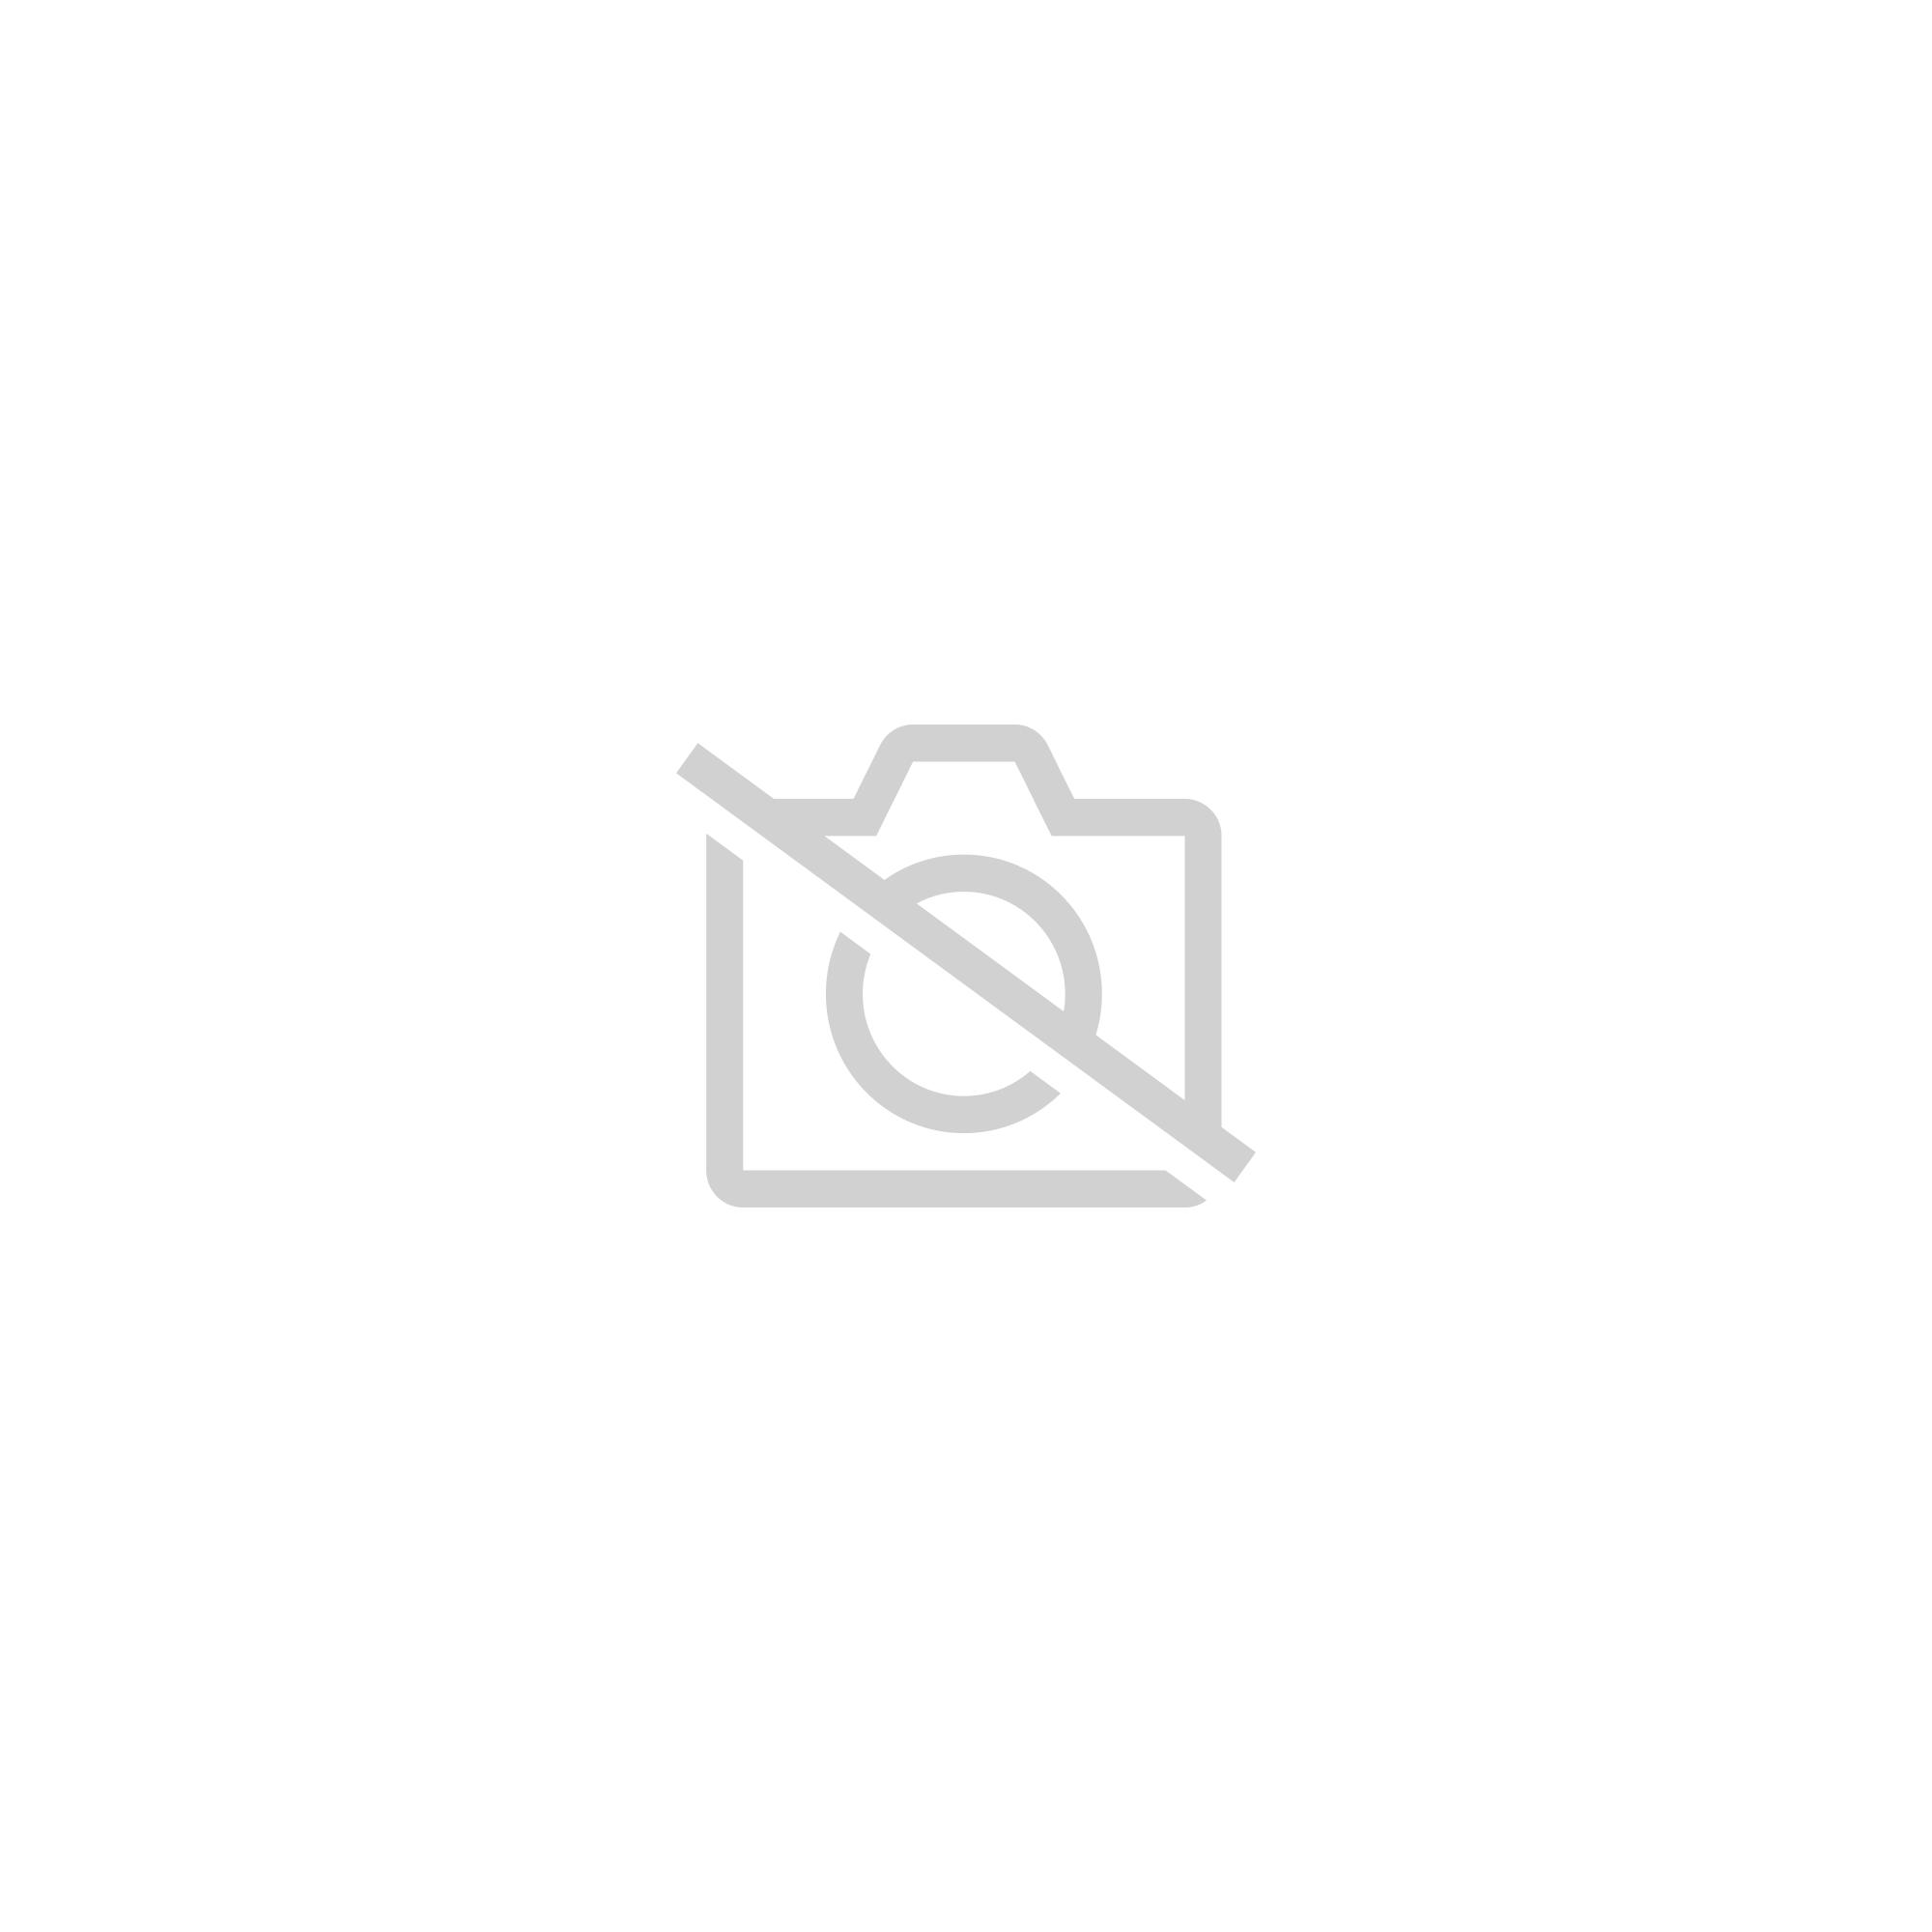 Vos oeuvres préférées au Piano. - Page 2 895674905